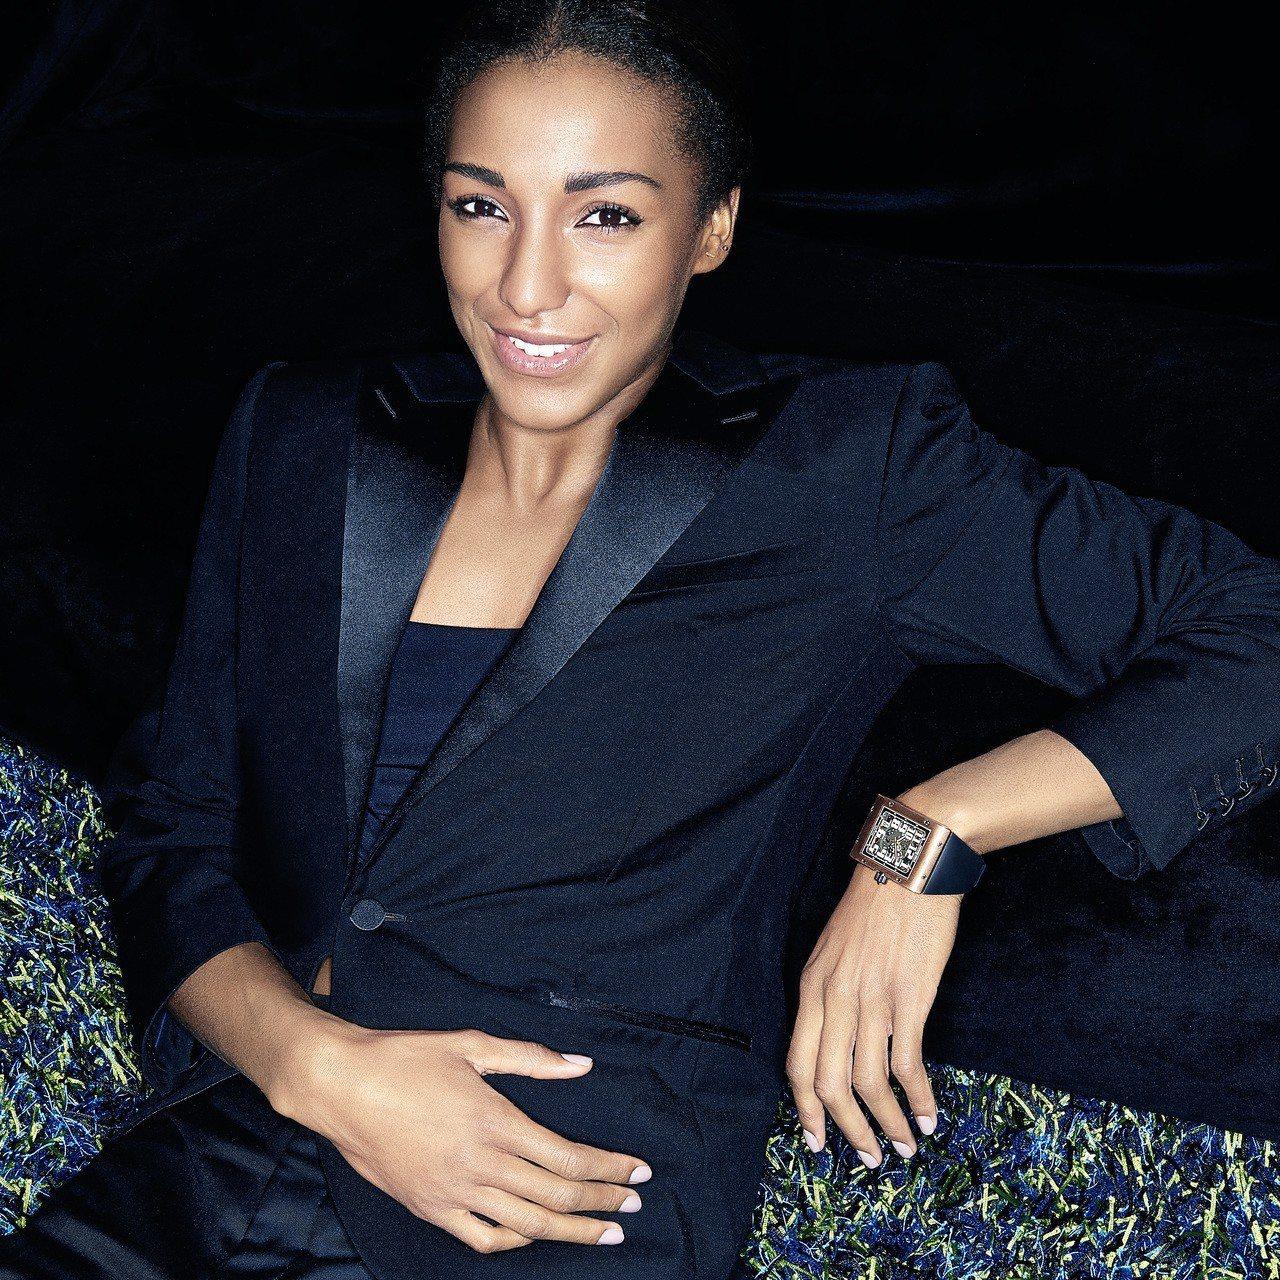 品牌大使Nafi Thiam詮釋RICHARD MILLE RM016超薄腕表。